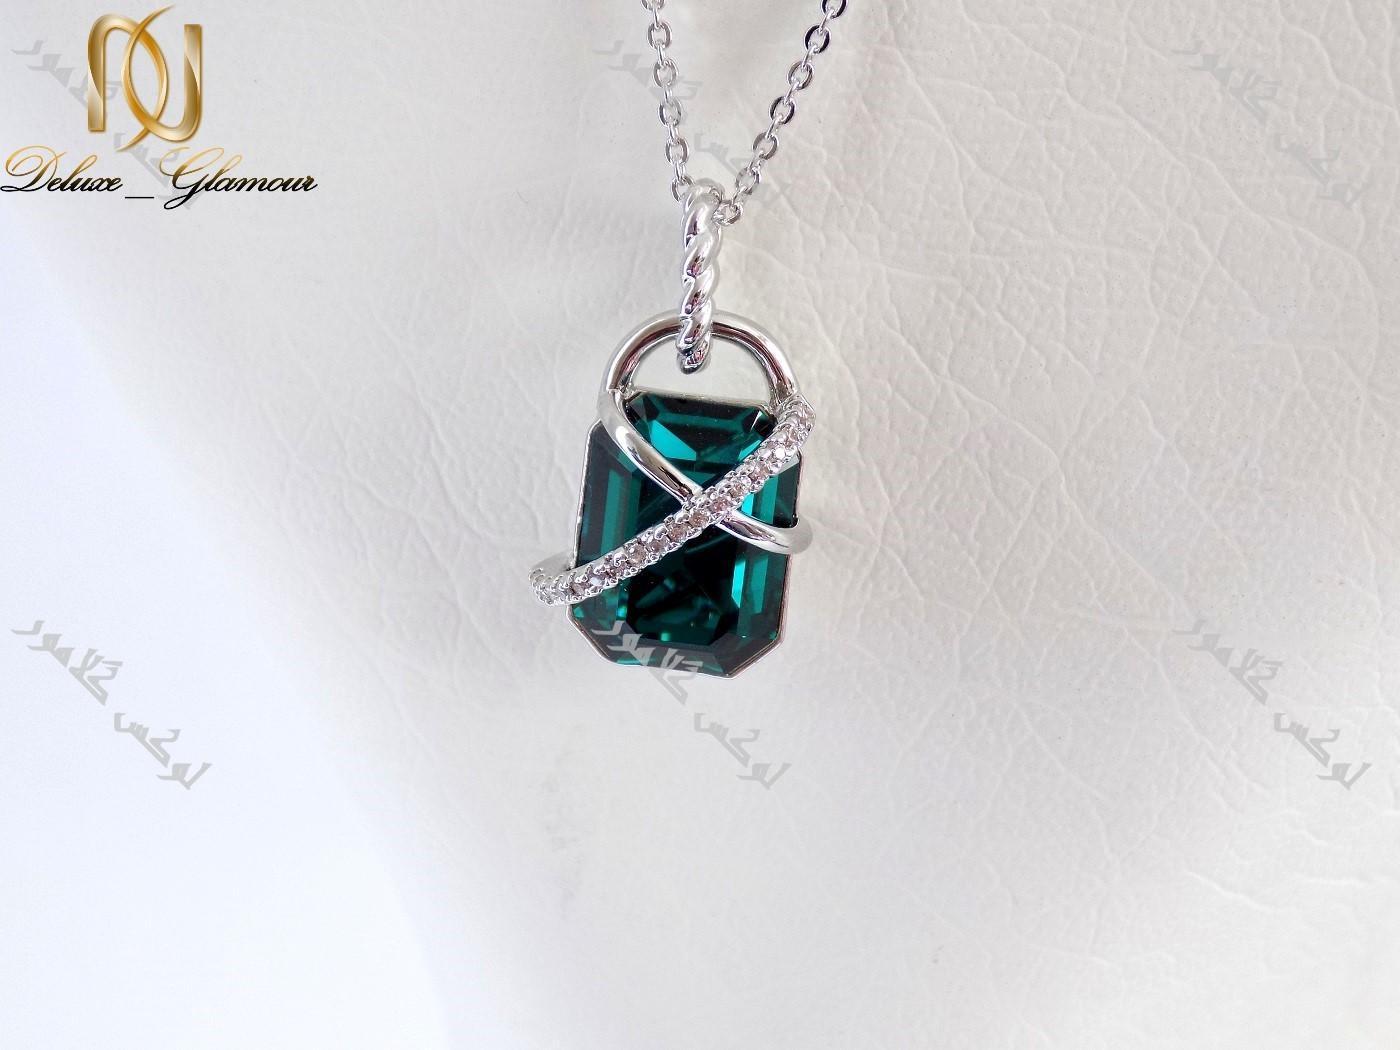 گردنبند ظریف دخترانه ژوپینگ با کریستال سه بعدی سبز سواروسکی Nw-n119